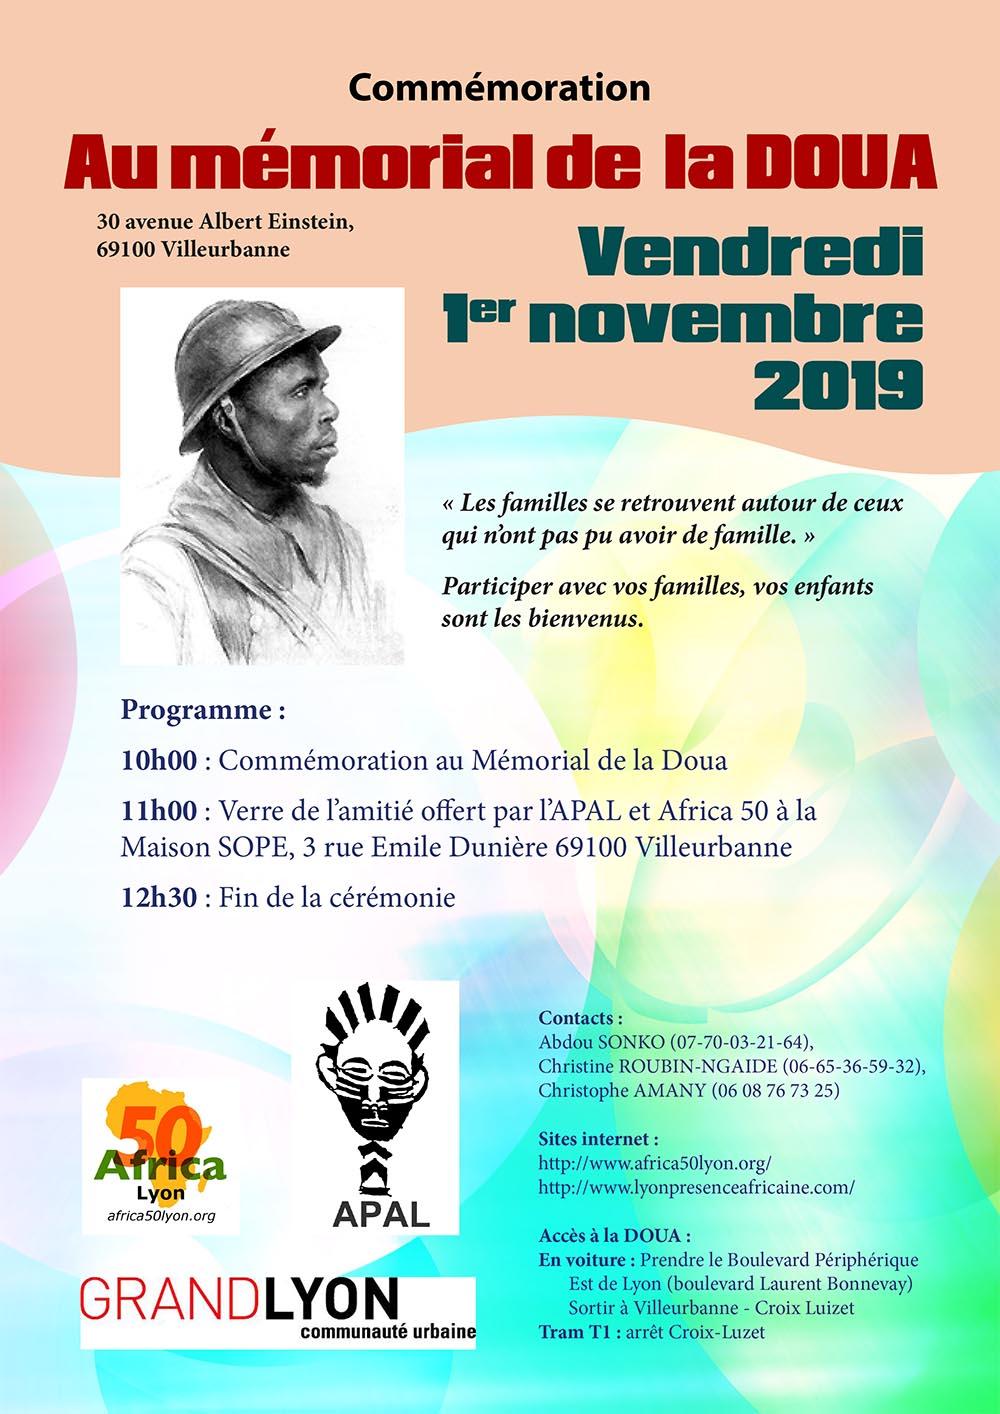 [MEMOIRE] Hommage aux Soldats africains enterrés à La Doua (Villeurbanne) le 1er novembre 2019